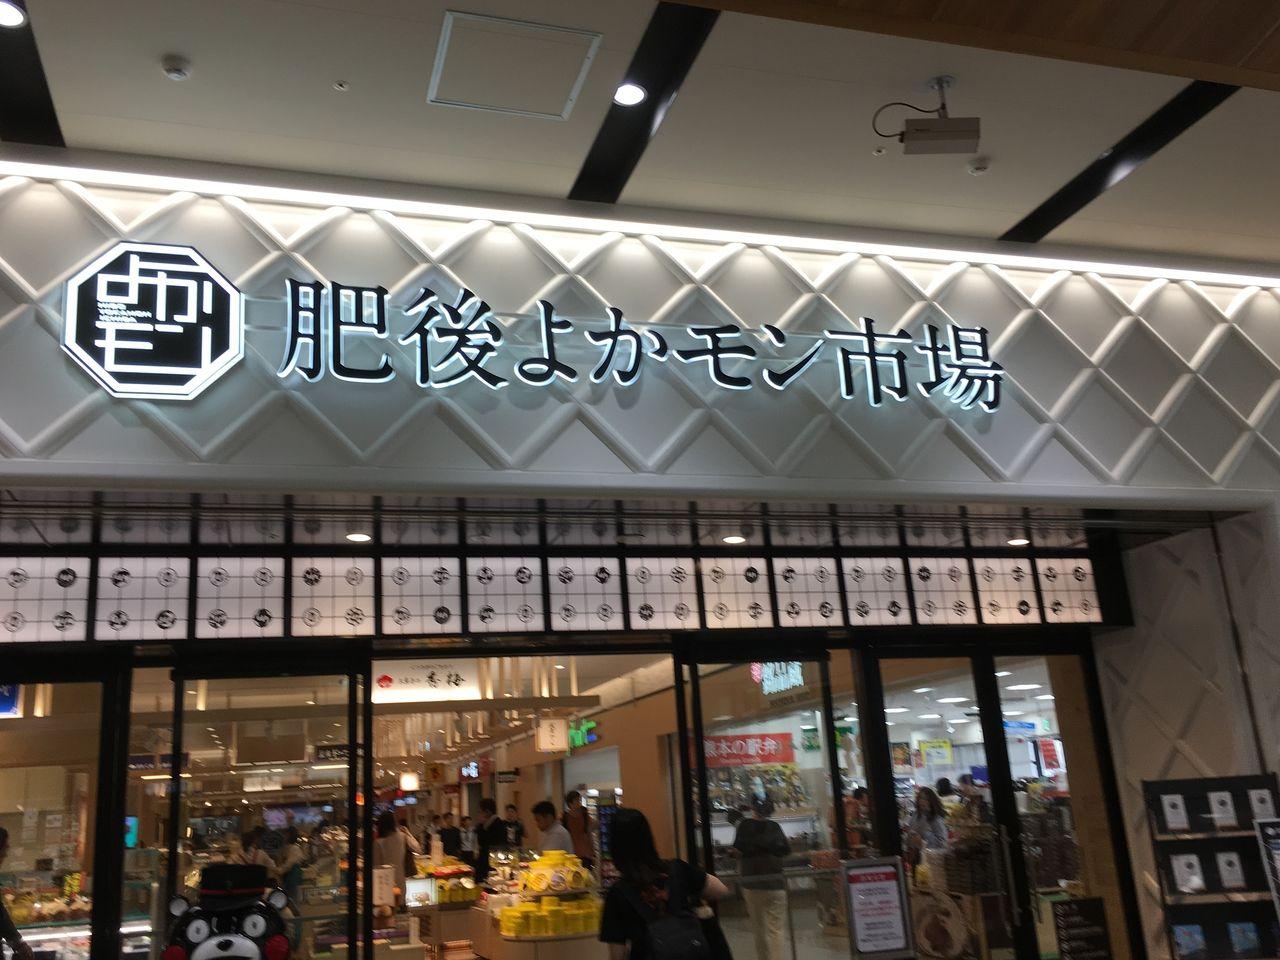 在来線の高架化により新装した熊本駅の新しい目玉、美味しものいっぱい